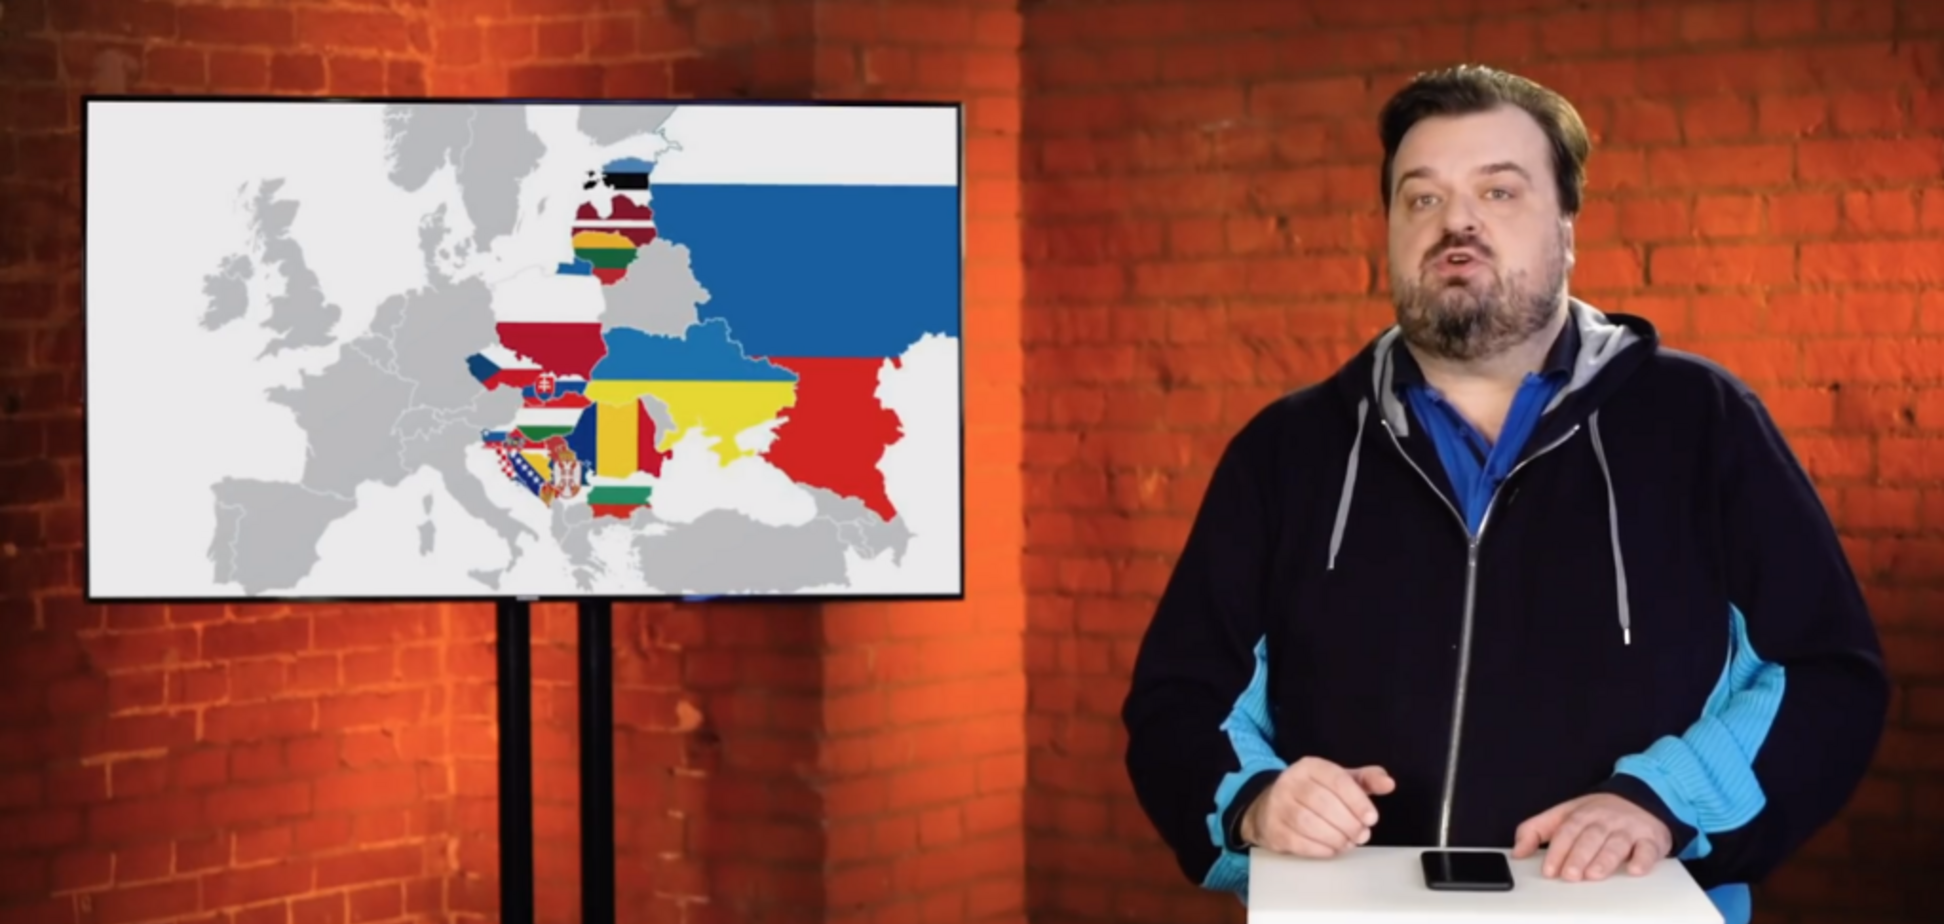 Спортивный журналист показал в эфире всем, чей Крым